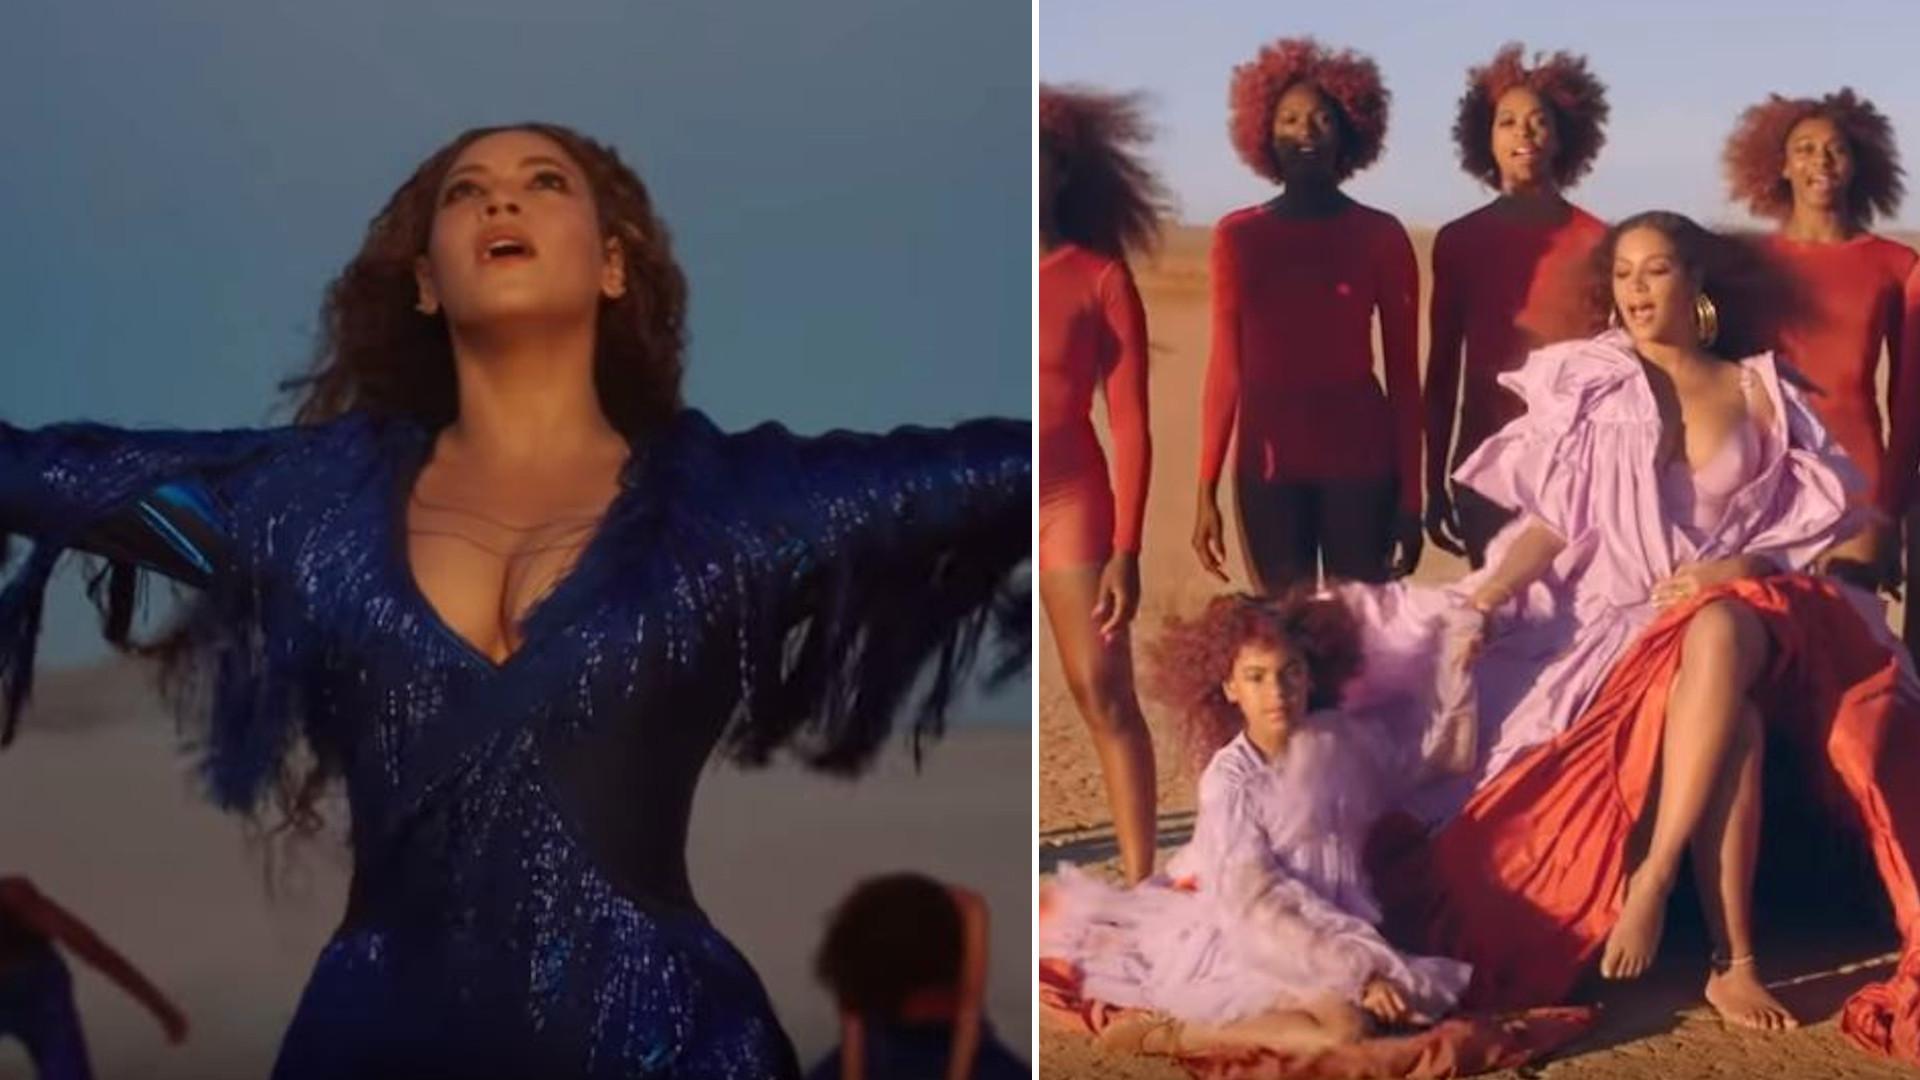 Blue Ivy wystąpiła w teledysku Beyonce do piosenki Spirit. Wygląda jak mała kopia mamy!